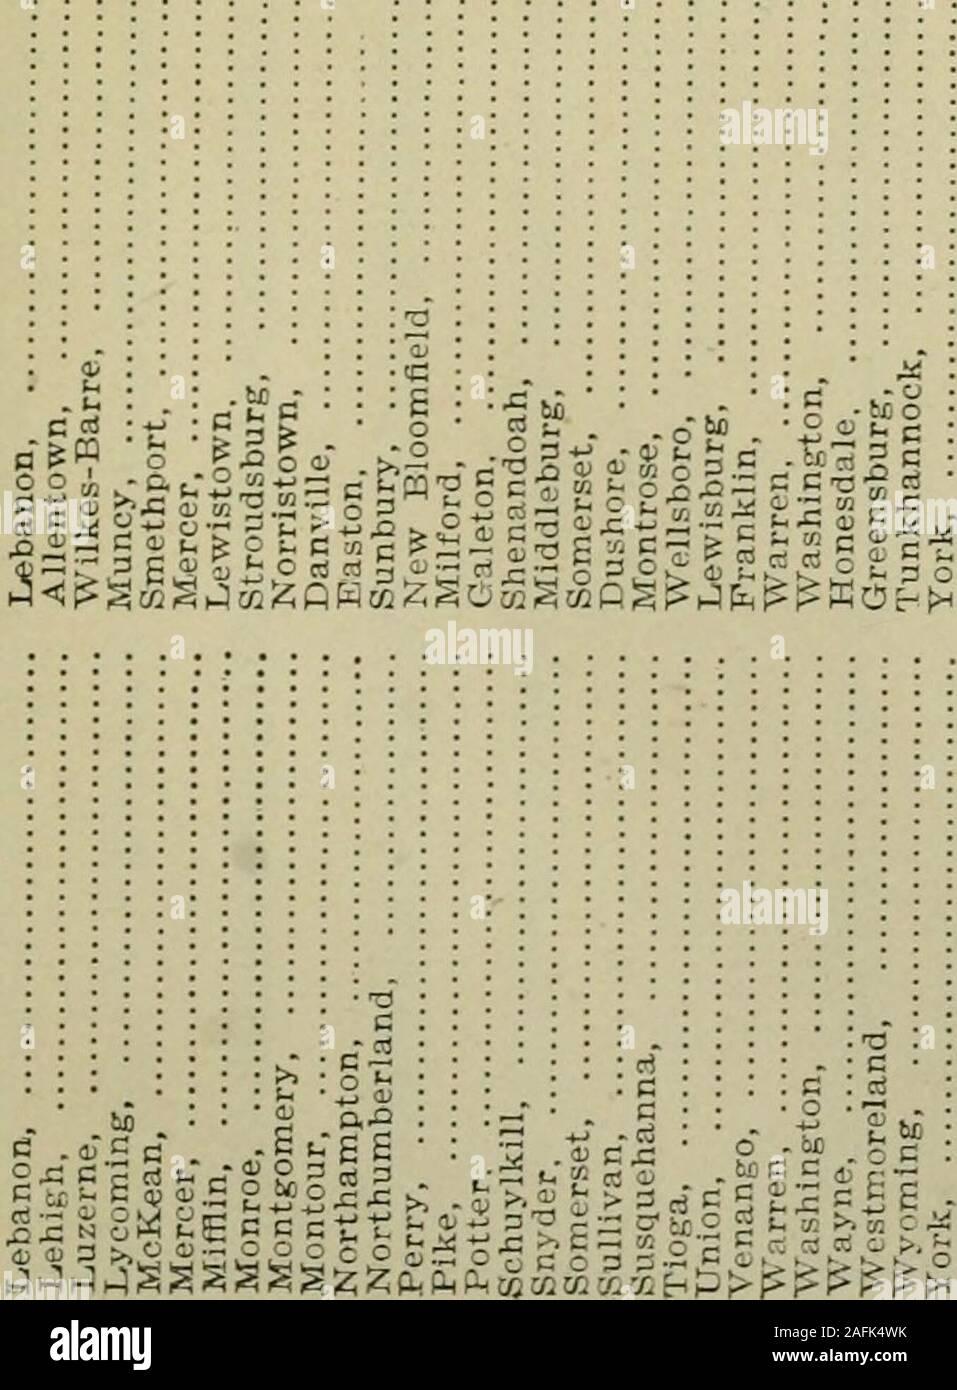 """. Informe del Superintendente de Instrucción Pública de la Mancomunidad de Pensilvania para el año que terminó el 3 de junio de 1907. ; Rj """"rt"""" l i--- rH lO CD tD (c os t~-rH r-H (M t£> ?*fro*footCO^e7cO^h-Oiooo>-roo5eorpt-provocación abierta""""irtC3eoT--c55cict4^M:cClcOMOJ""""5t-c^liHtoOin0^""""C> rH""""5?D""""-*OC4ClOf-tr-4i-lC4""""OlLr30COrHi(3ireb-r-iMC^IO*01ti-i- ri-^ rH """"H rH rH rH rH rH-^ W *CDlx3rHOO-t-""""CvlOCrH ei ^ rH C<3 c r^^ o OO Oo rH tH ?0 <: ii?SgSS OCMOOl oift demasiado iCb-c -rr --H CO t- co c<o c 5000g ; O ift irt (D sSSSSgggggSSggg ; o o o o t^ """" J5 t- t-xi ^ 6 01 01 c)XJJ CO2 o g o o e iJ o^OOCO & Foto de stock"""